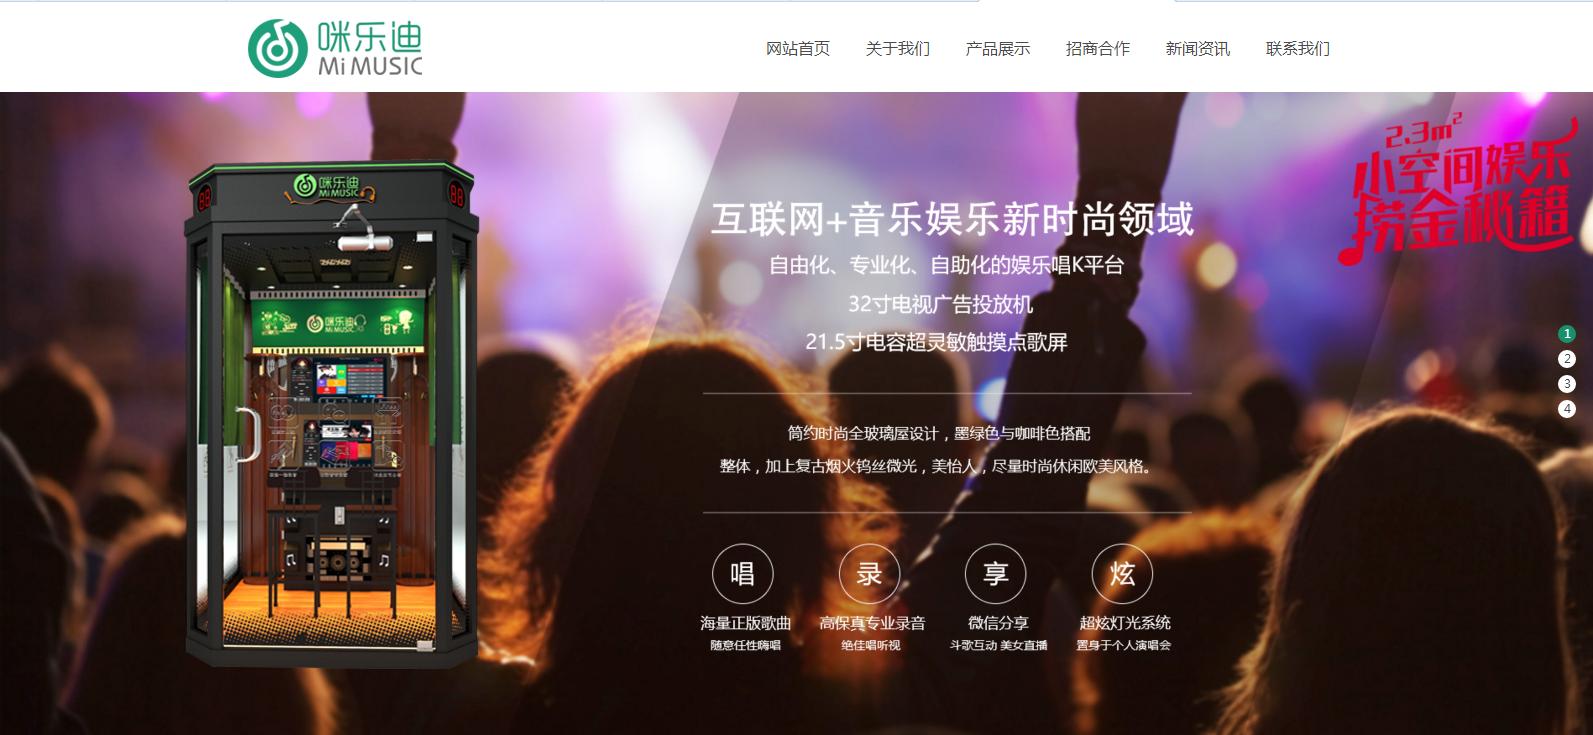 广州咪乐迪电子有限公司